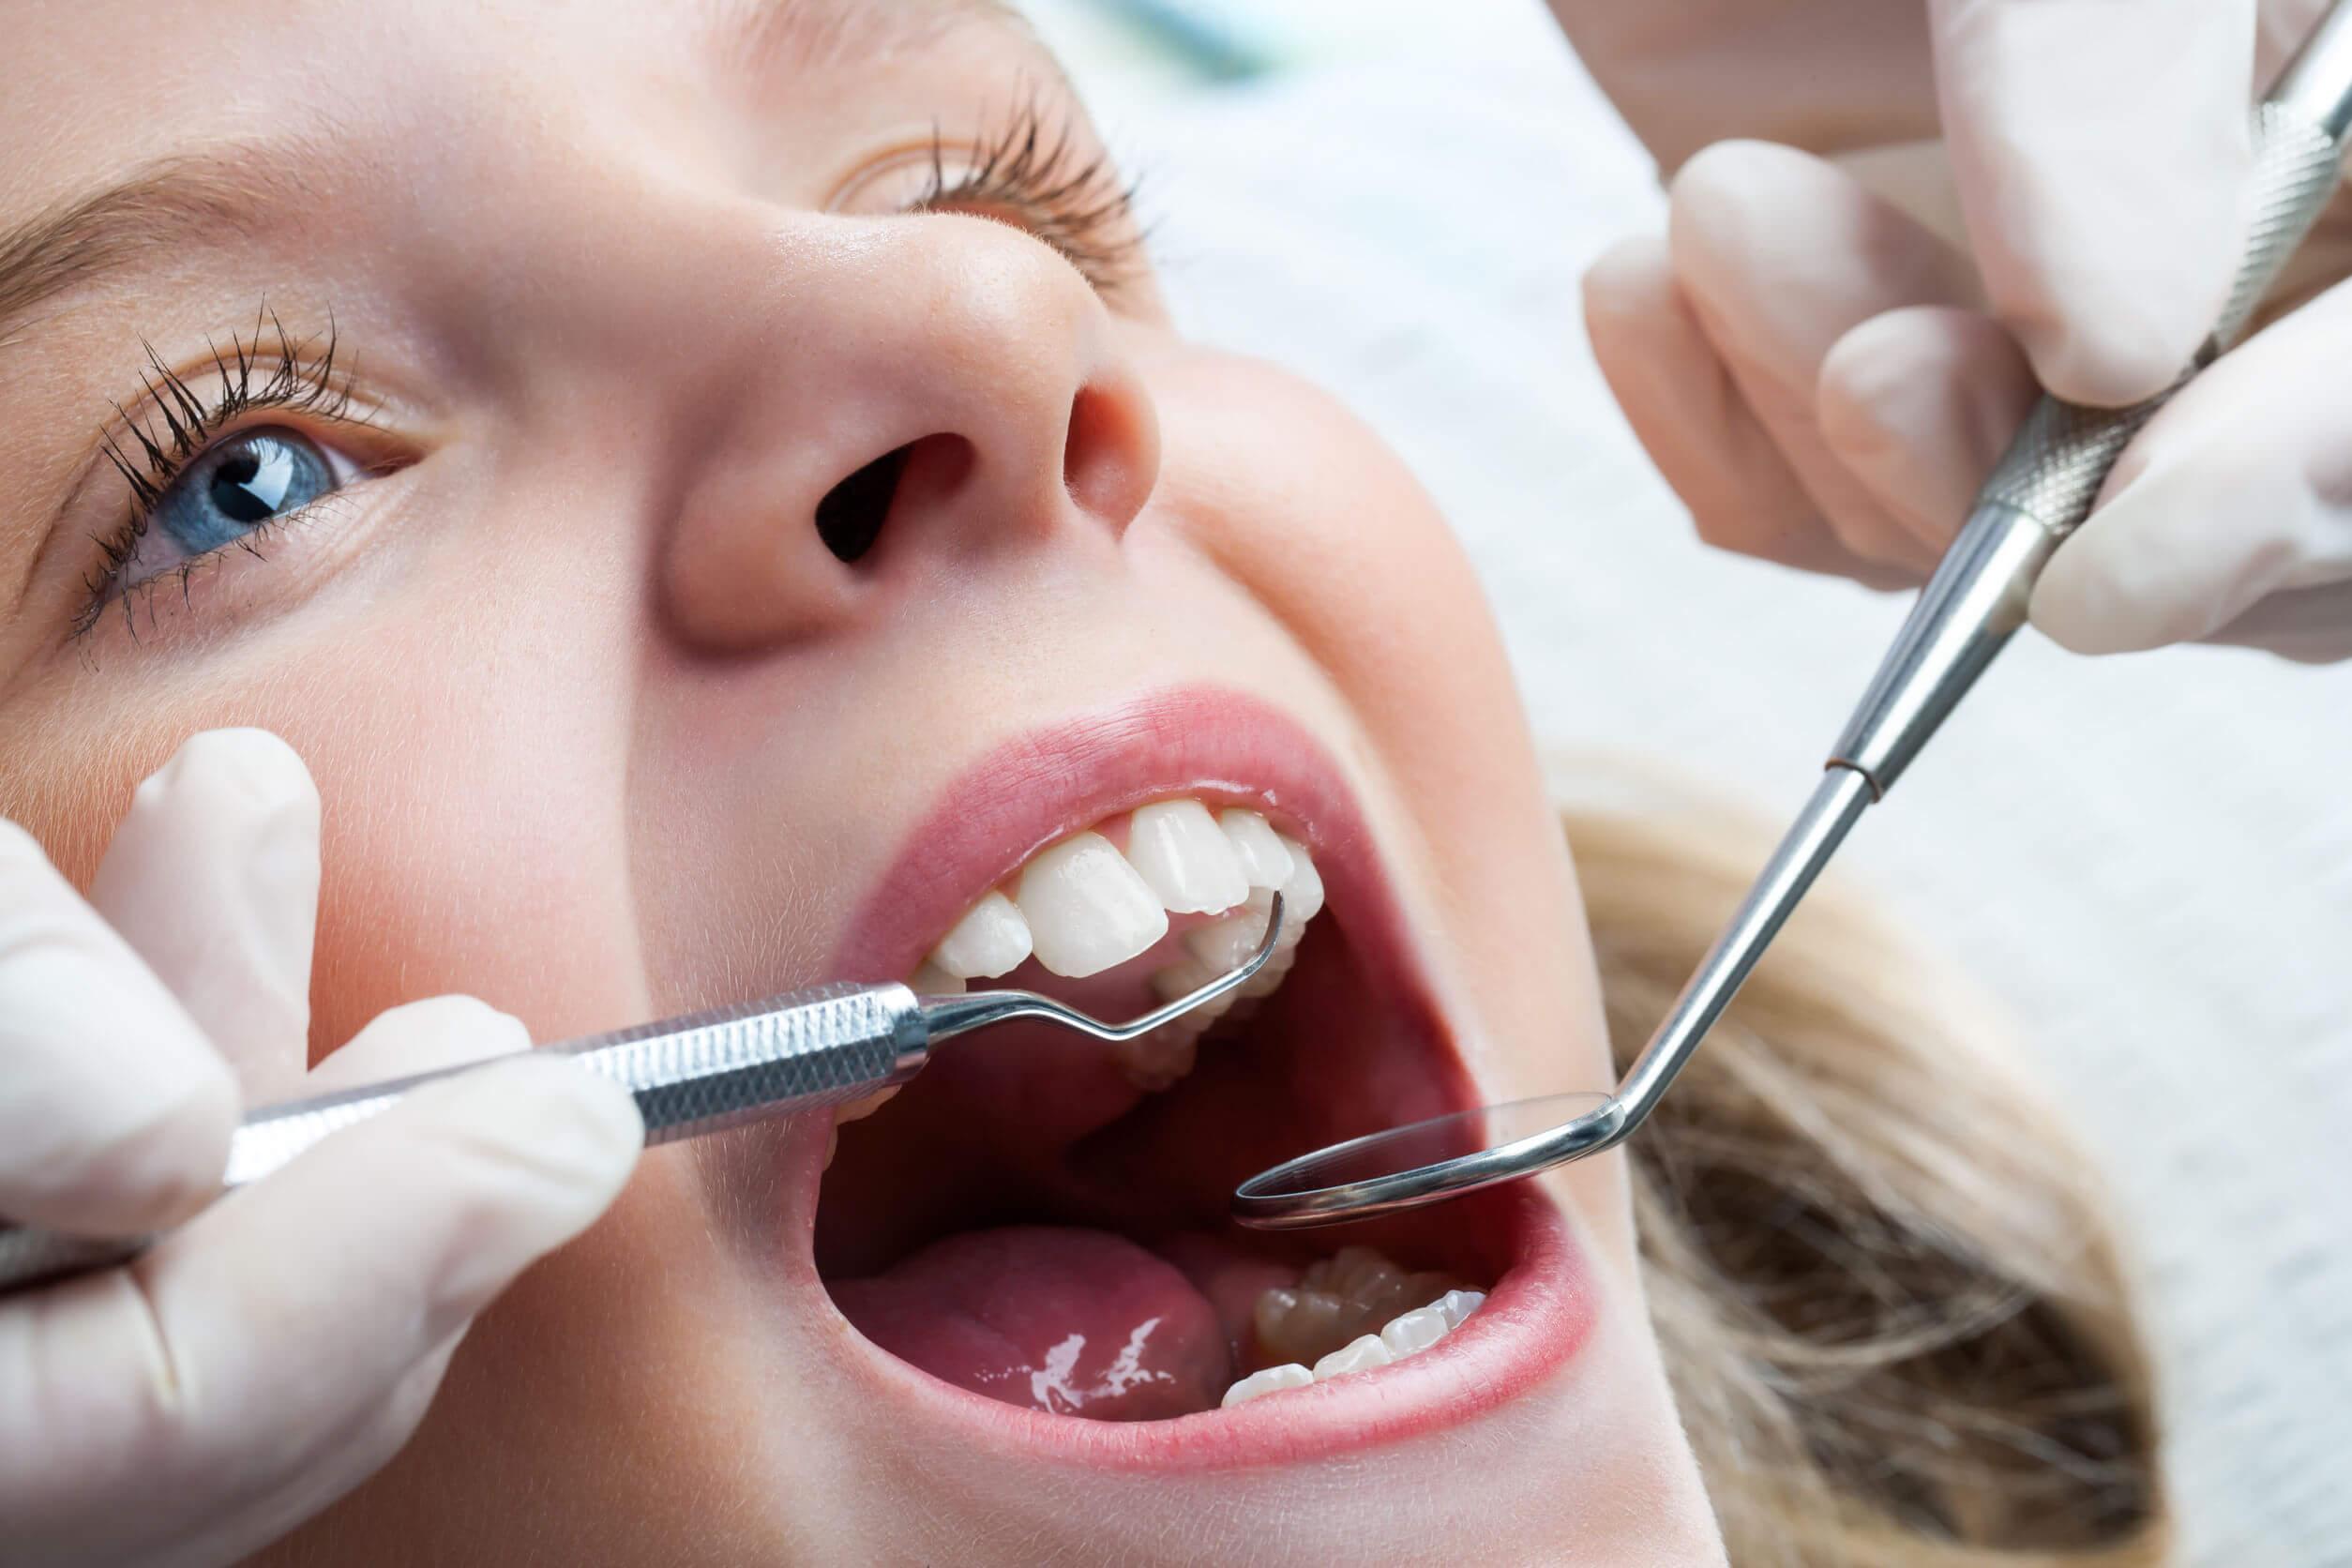 Niña haciéndose una limpieza dental en el dentista.